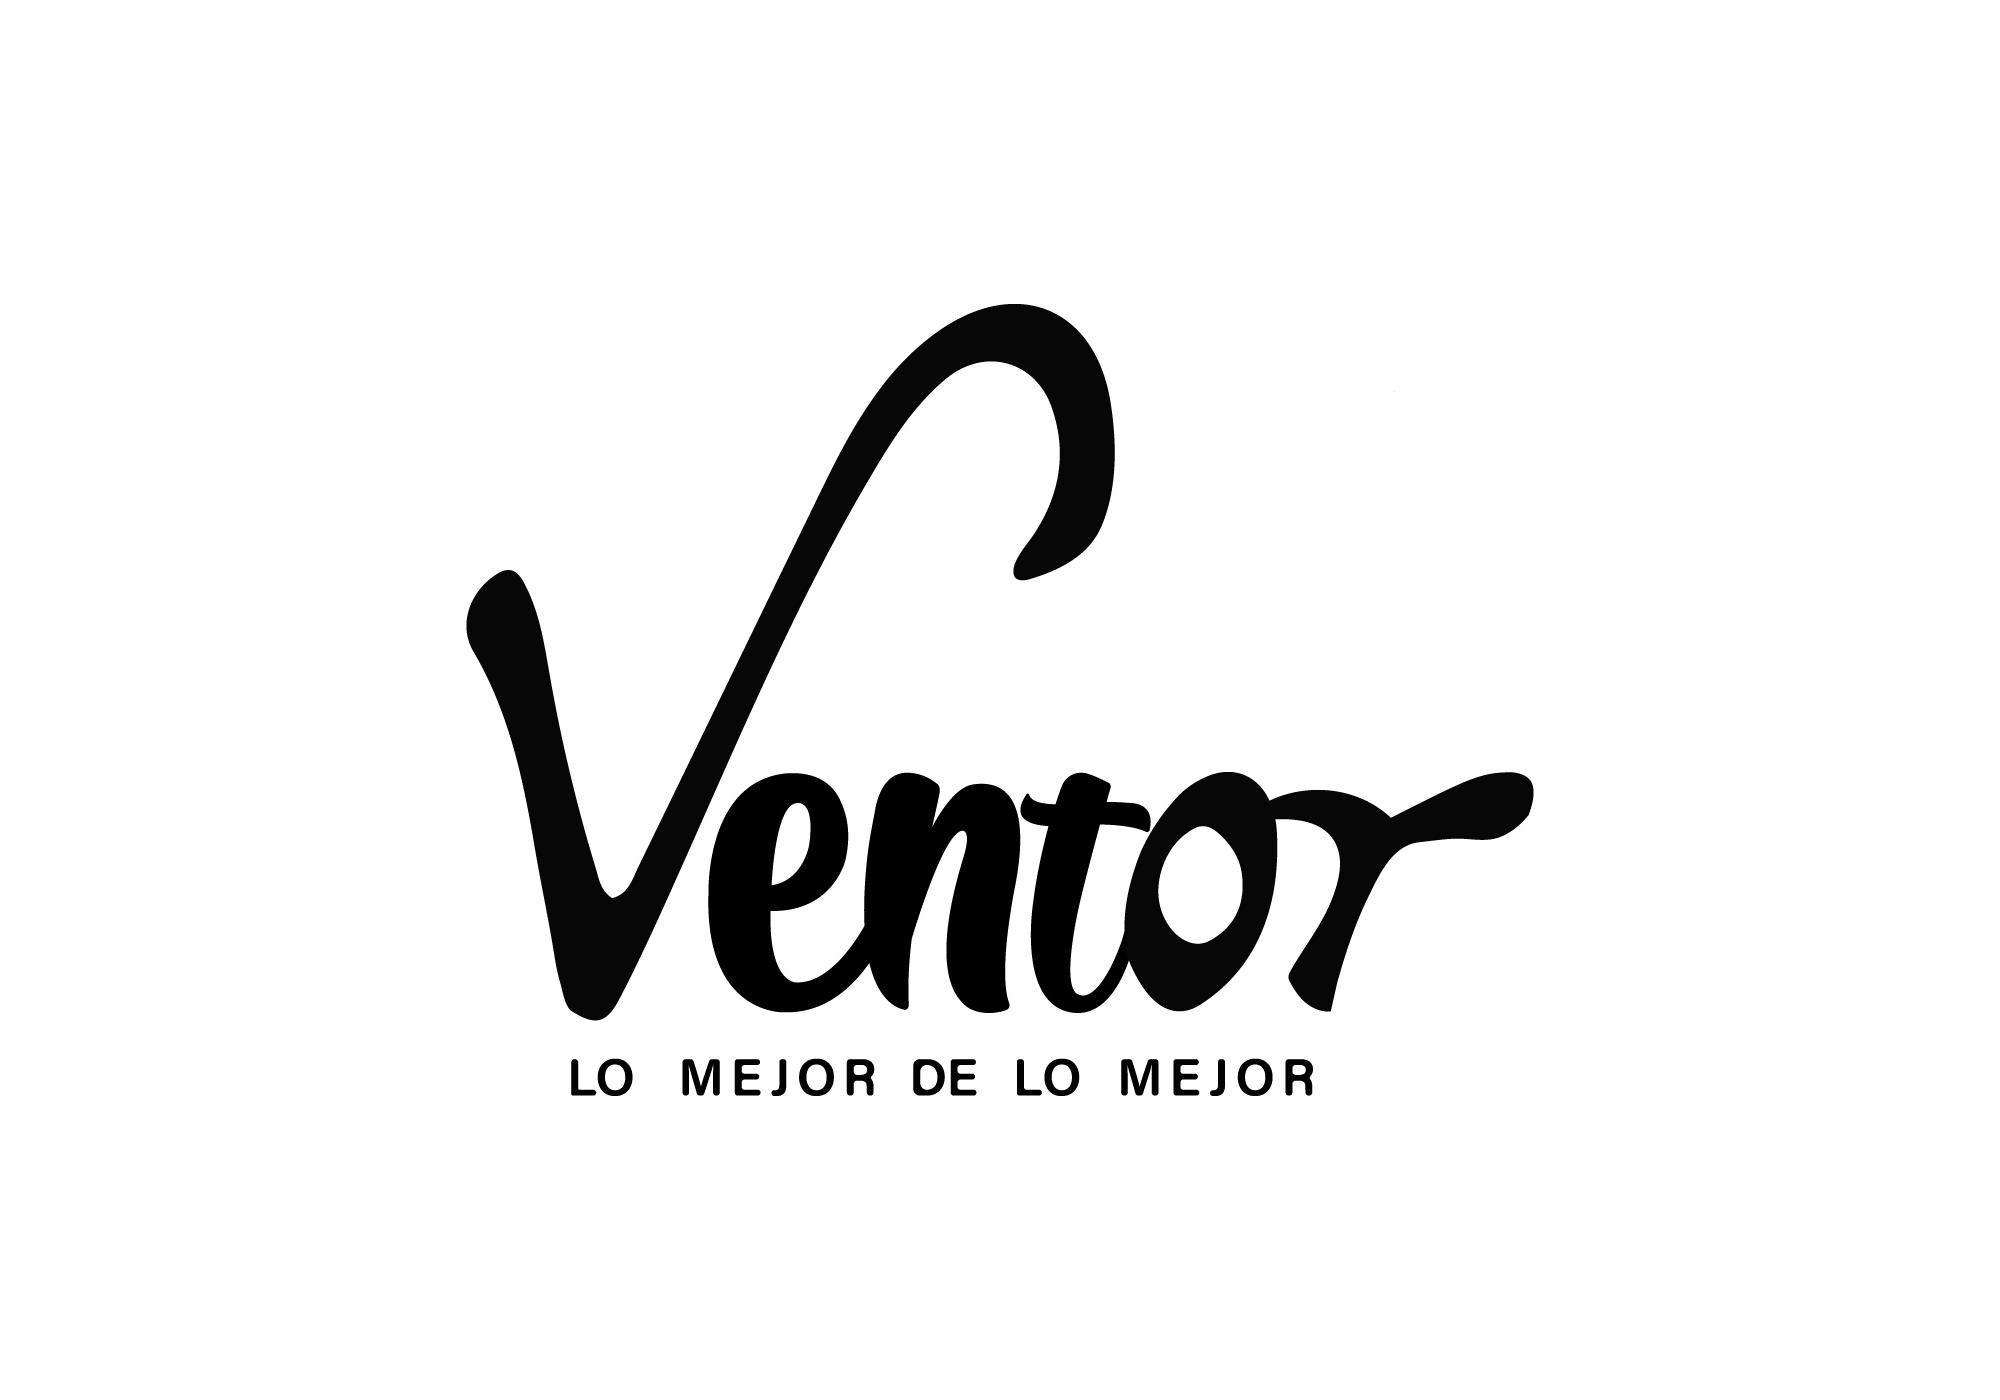 I will create an elegant signature script logo design